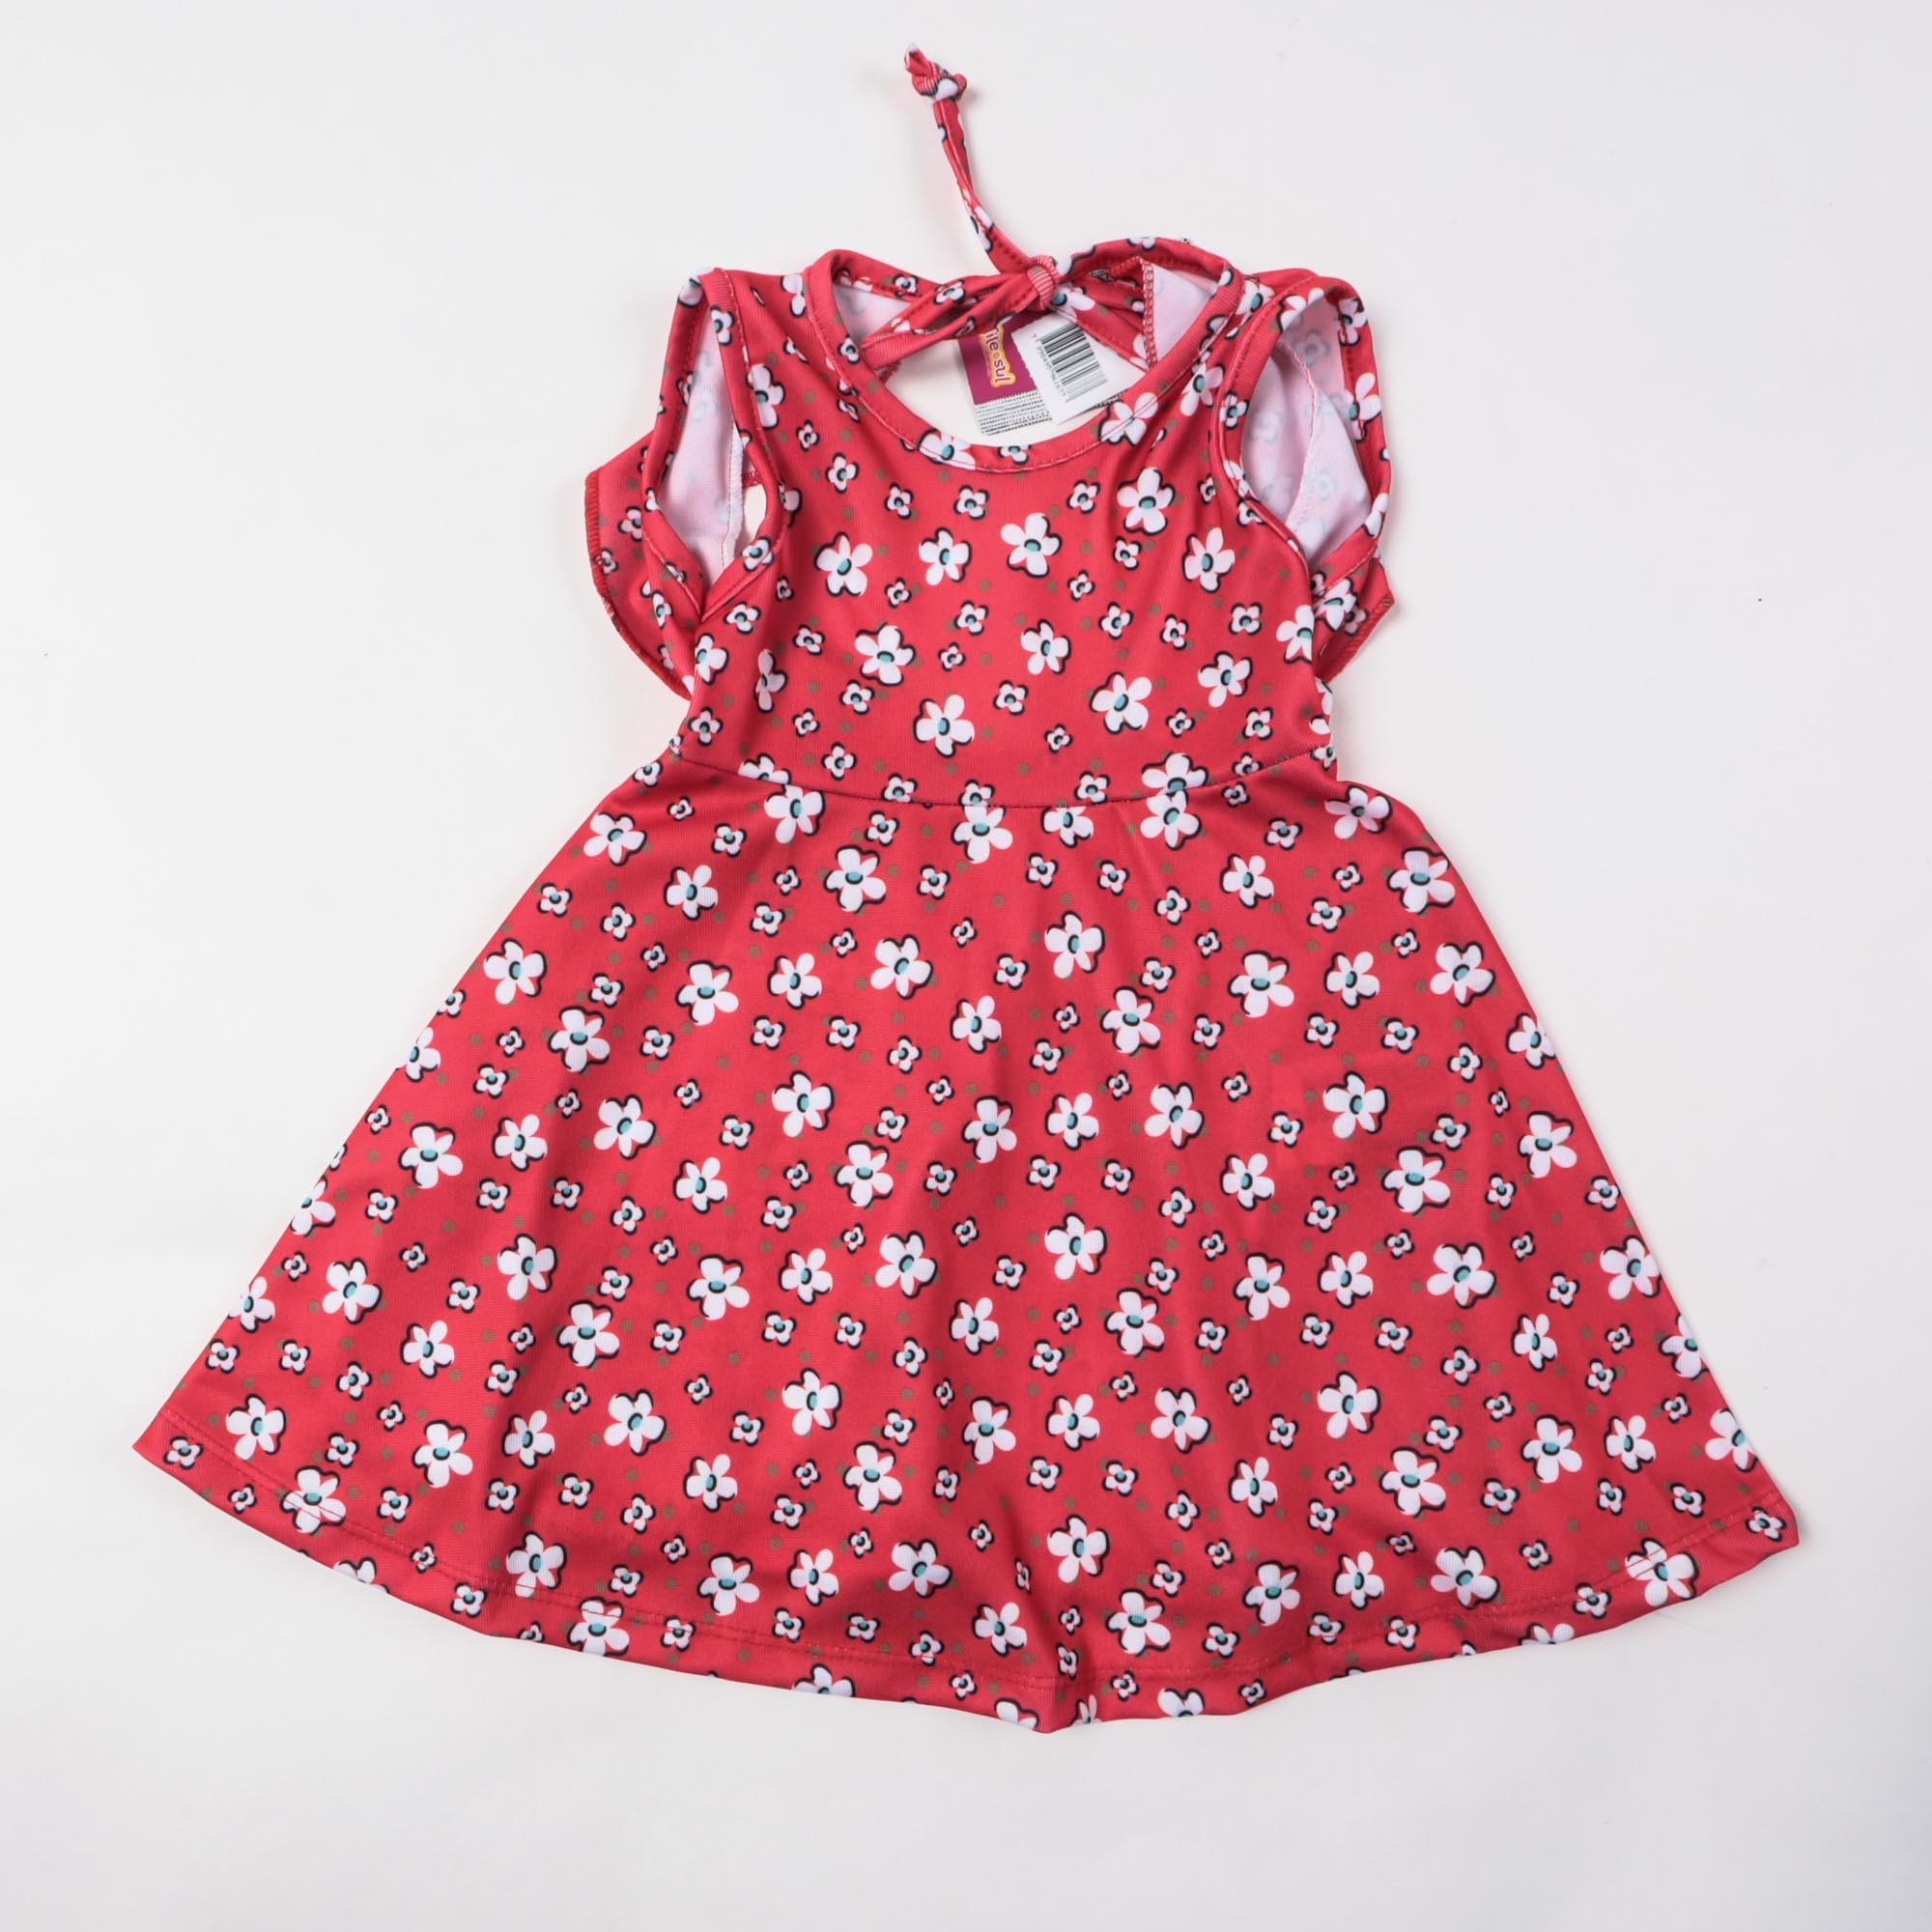 Vestido De Malha Rodado Curto Infantil